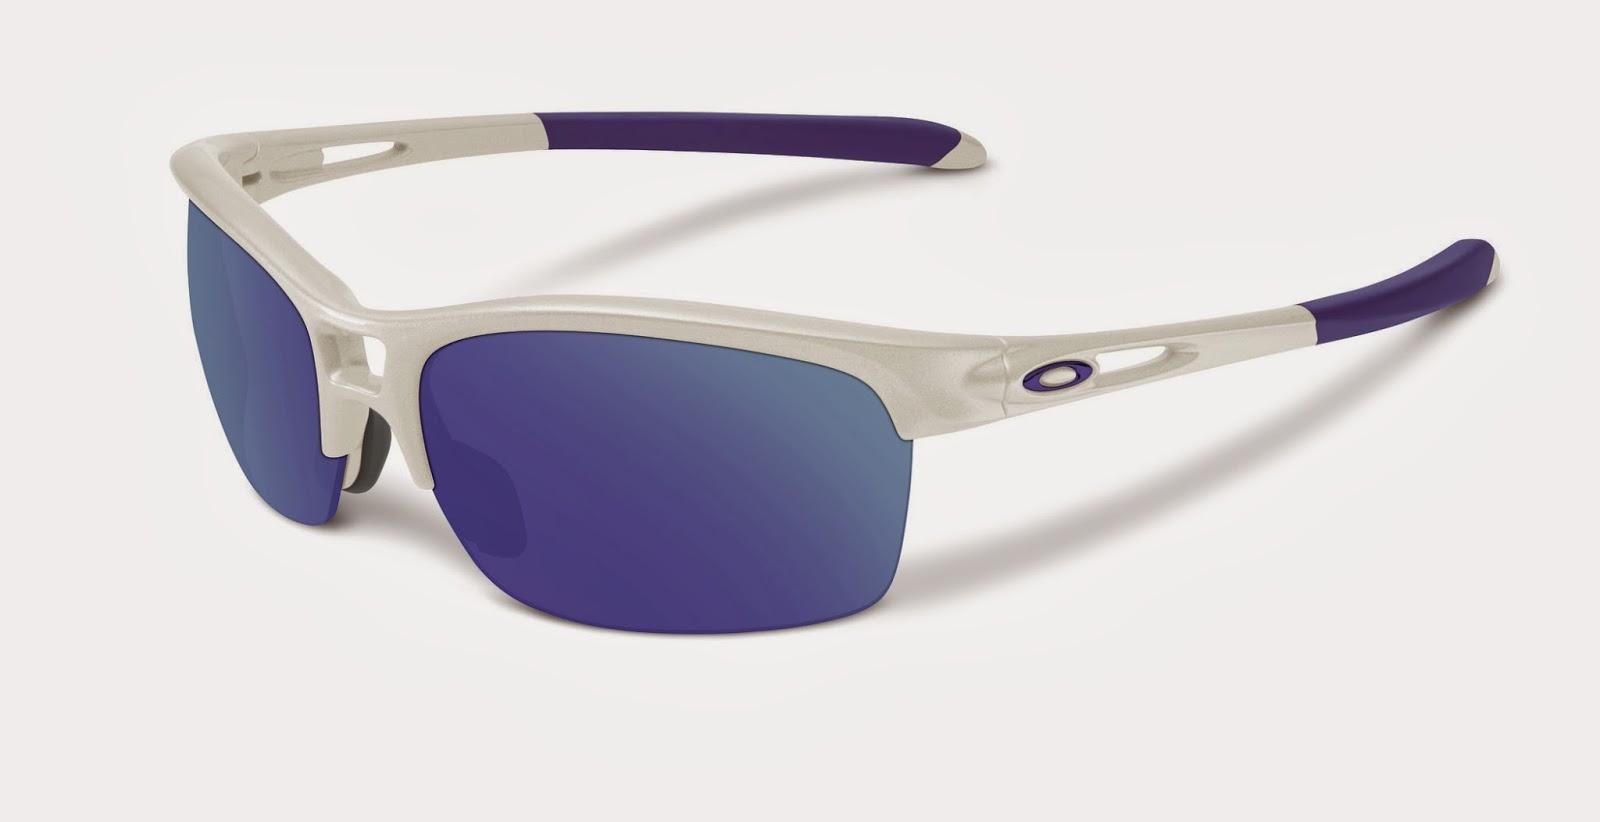 13ac26ef3132c Os dois modelos possuem lentes intercambiáveis, tecnologia Unobtainium®™  nas hastes e peça nasal com caimento seguro. Preço sugerido  de R  470,00 a  R  510.